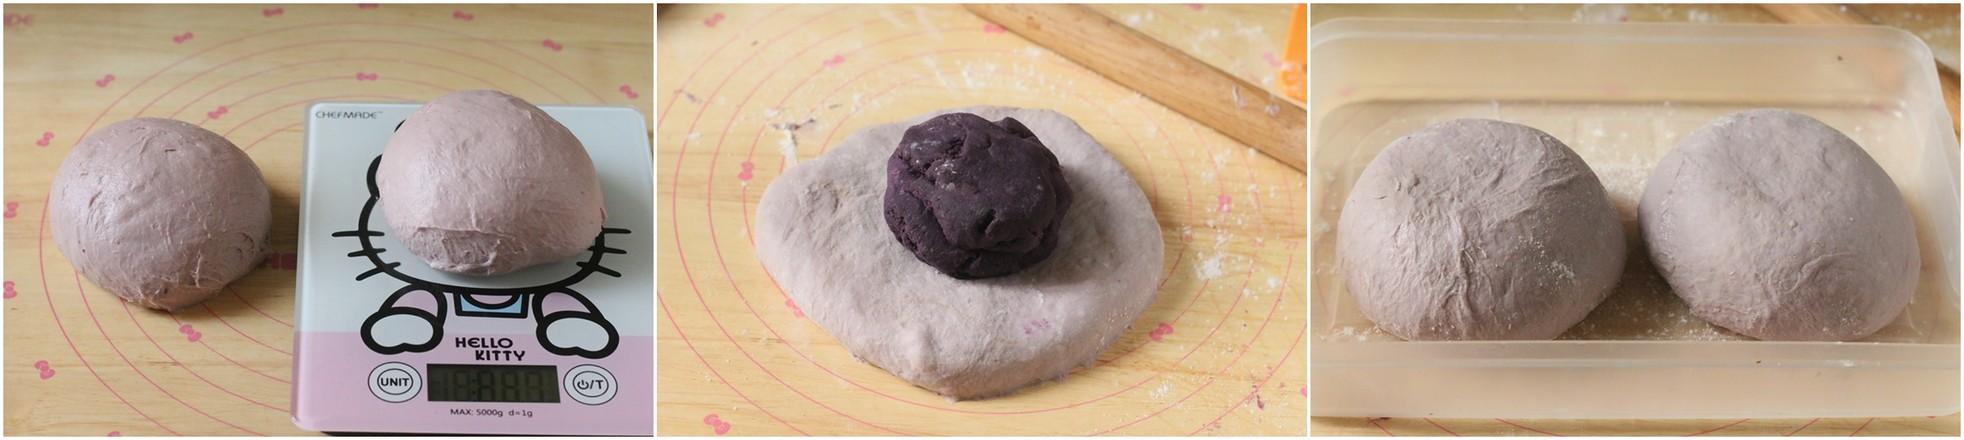 紫薯吐司怎么吃